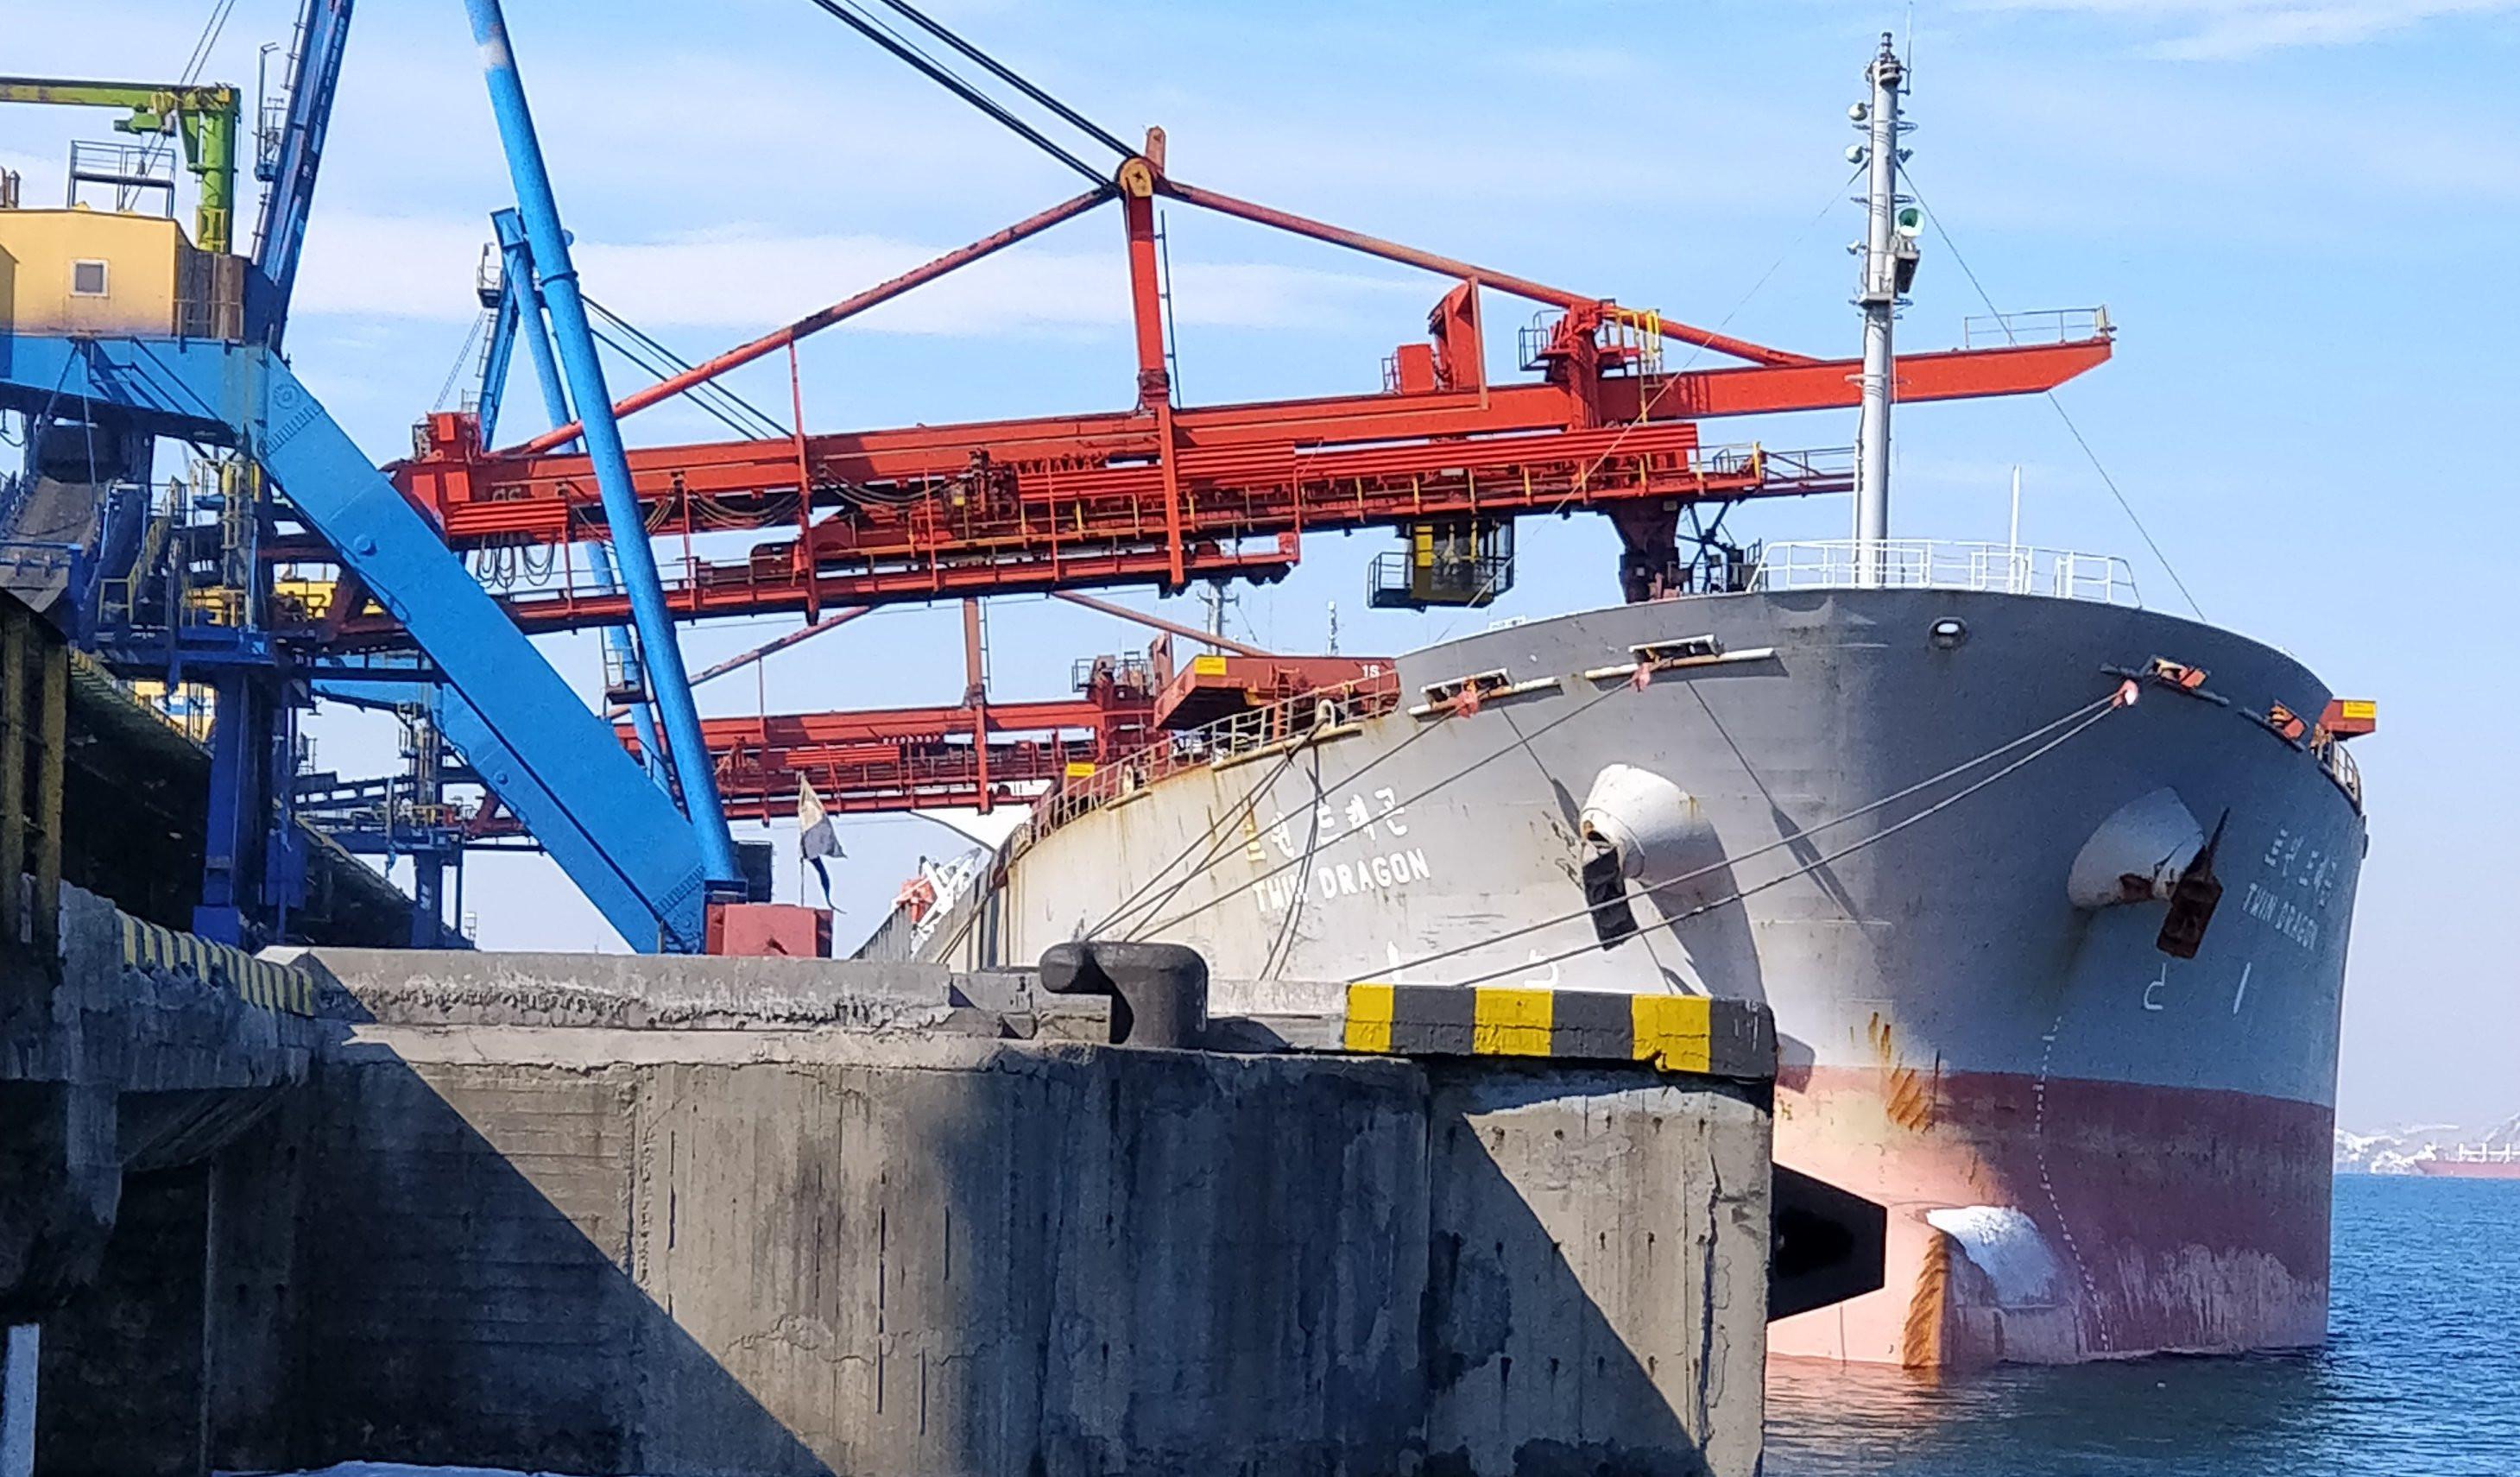 Мир поразили пируэты севшего на мель судна в Суэцком канале